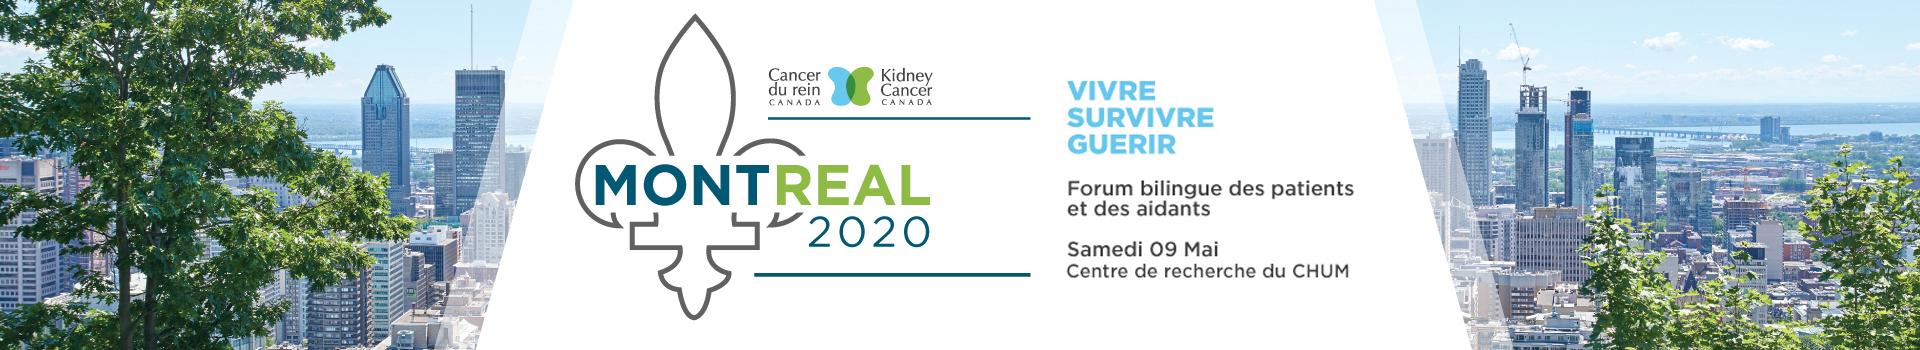 Forum national des patients et des aidants de Cancer du rein Canada